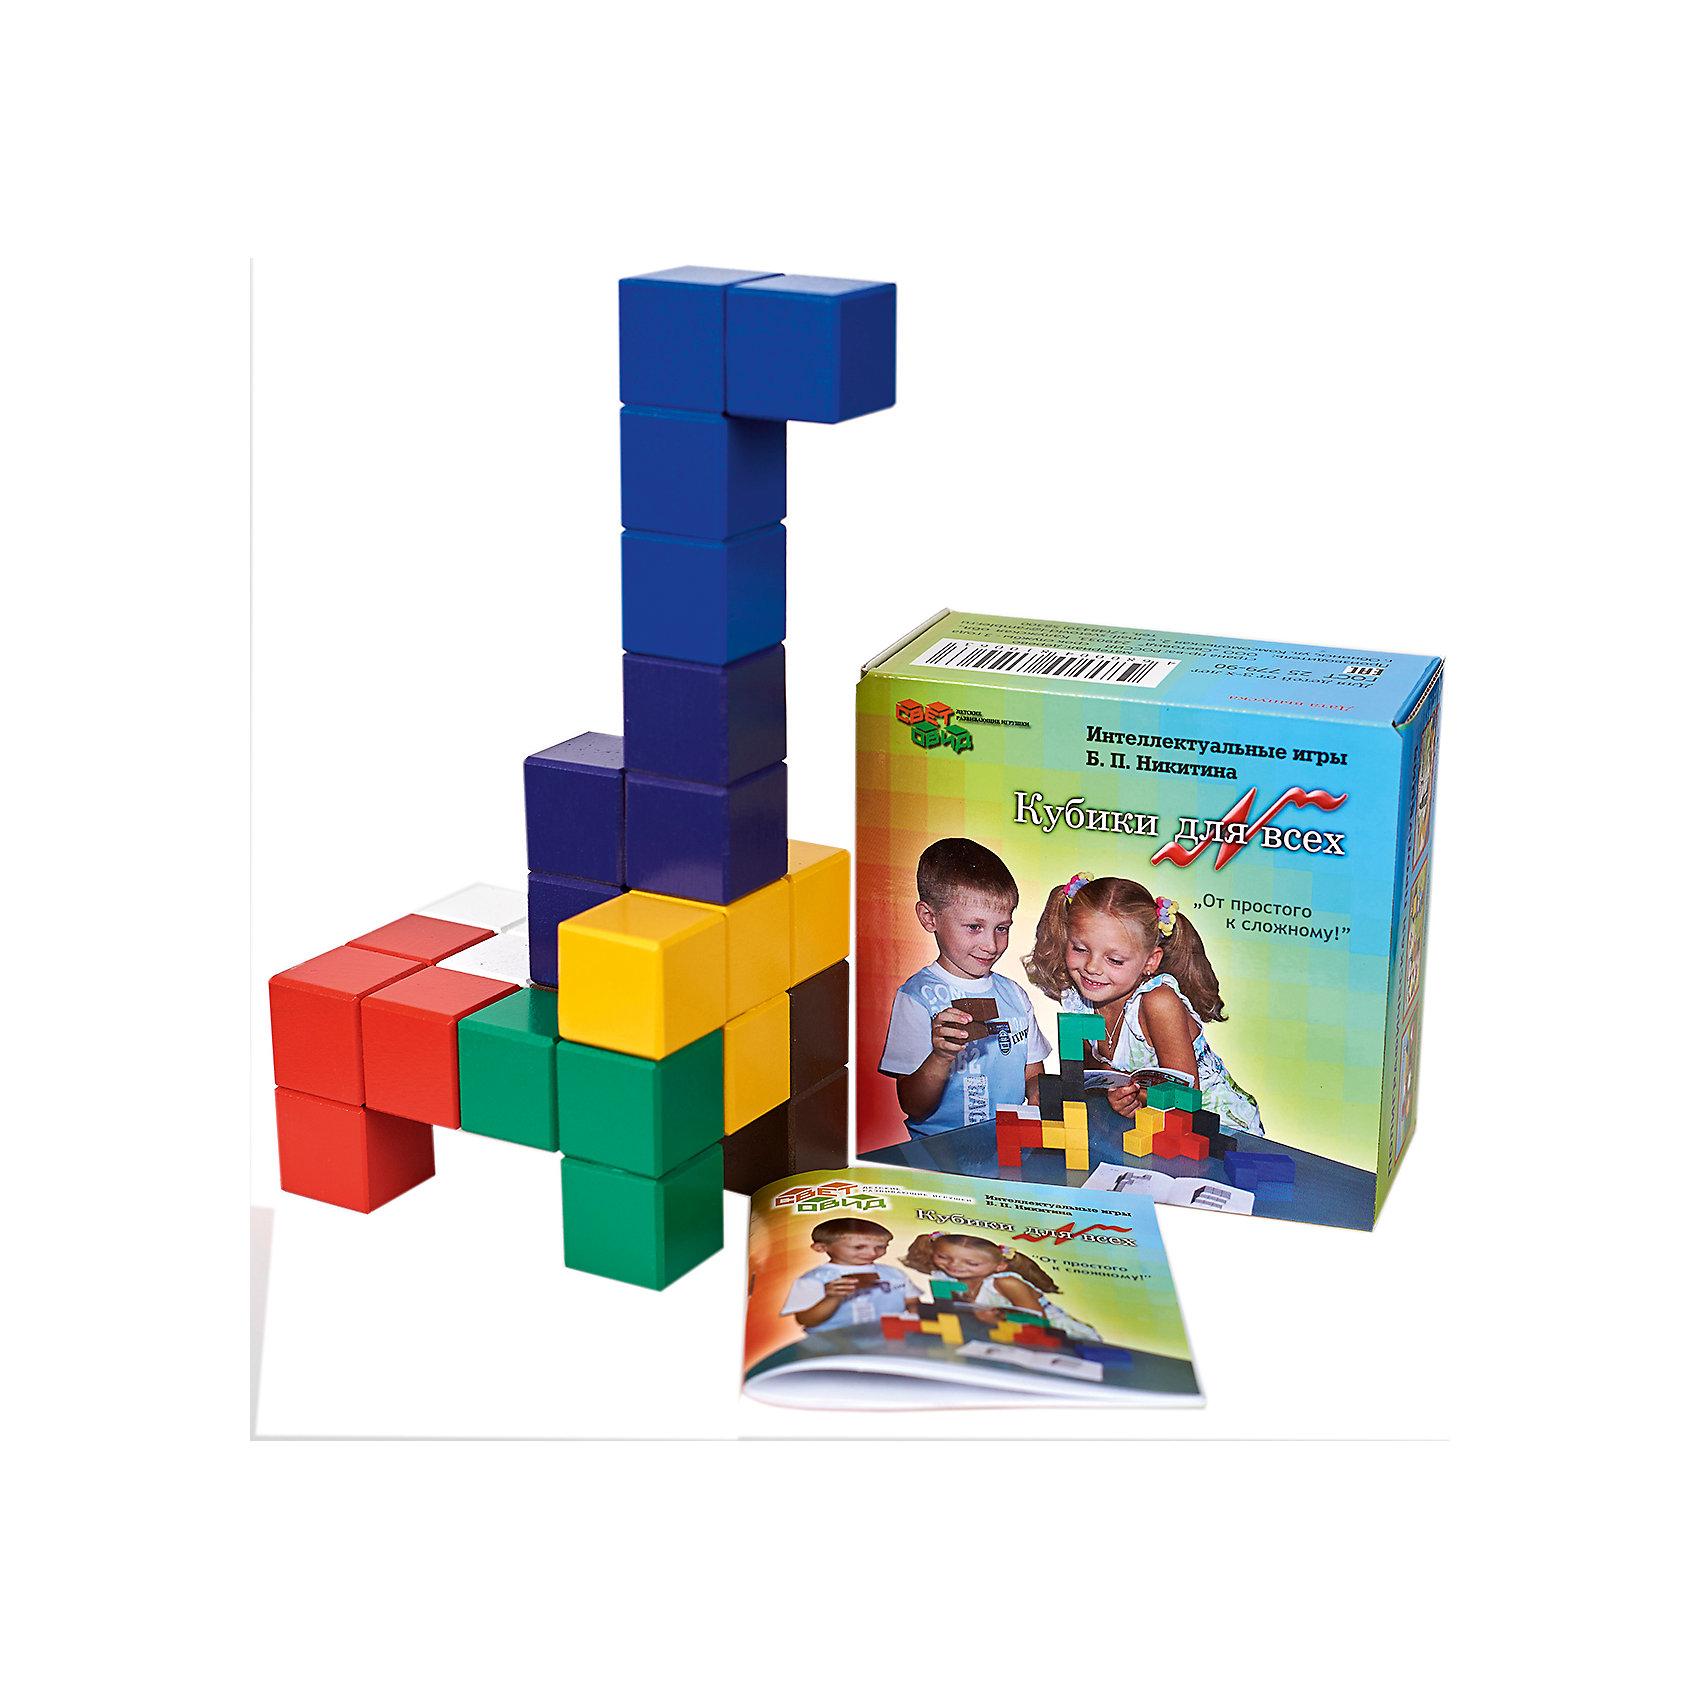 Кубики для всех, (коробка картон), СветовидКубики<br>Игра Кубики для всех учит мыслить пространственными образами (объемными фигурами), умению их комбинировать и является значительно более сложной, чем игры с обычными кубиками. Видимо, поэтому к ней так неравнодушны школьники.<br><br>Ширина мм: 135<br>Глубина мм: 140<br>Высота мм: 70<br>Вес г: 600<br>Возраст от месяцев: 36<br>Возраст до месяцев: 2147483647<br>Пол: Унисекс<br>Возраст: Детский<br>SKU: 6894281